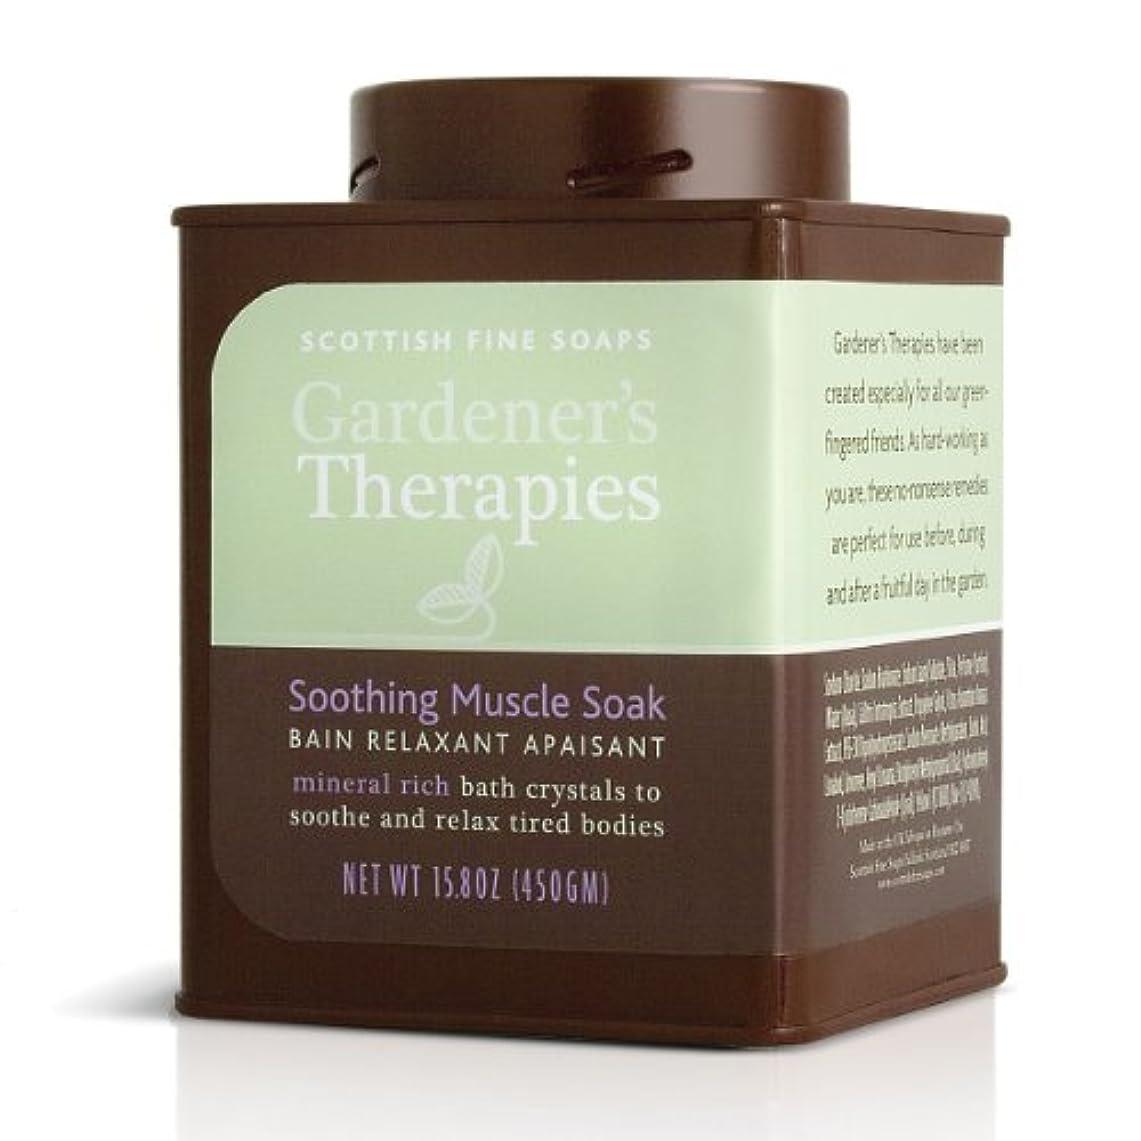 恥ずかしさ勝者無礼にSCOTTISH FINE SOAPS(スコティッシュファインソープ) Gardener's Therapies(ガーデンセラピーシリーズ) リラクシングバスパウダー 500g 5016365005548